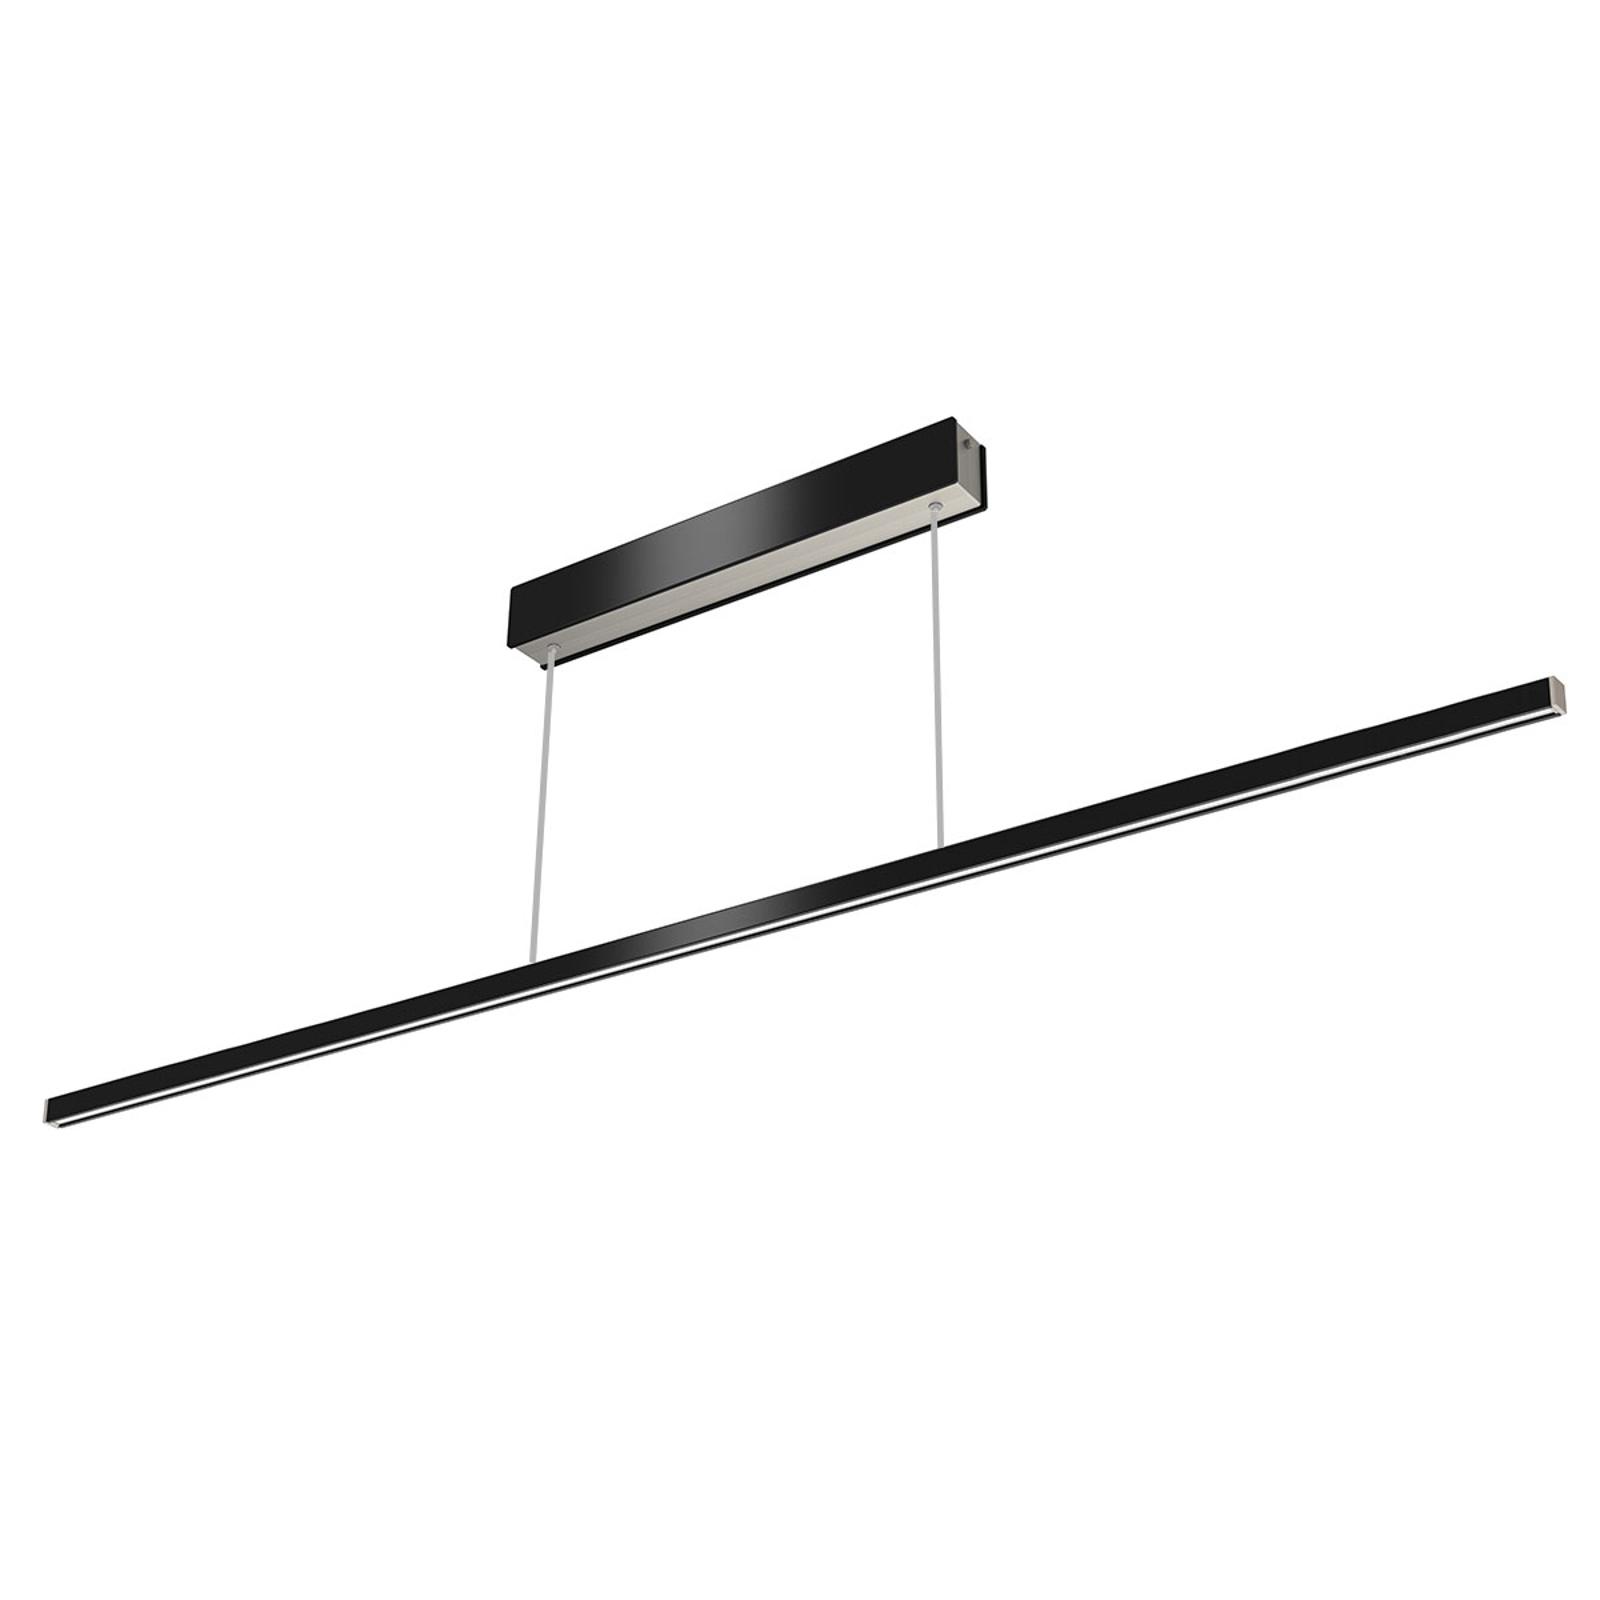 Lampada LED a sospensione Orix nera 150 cm